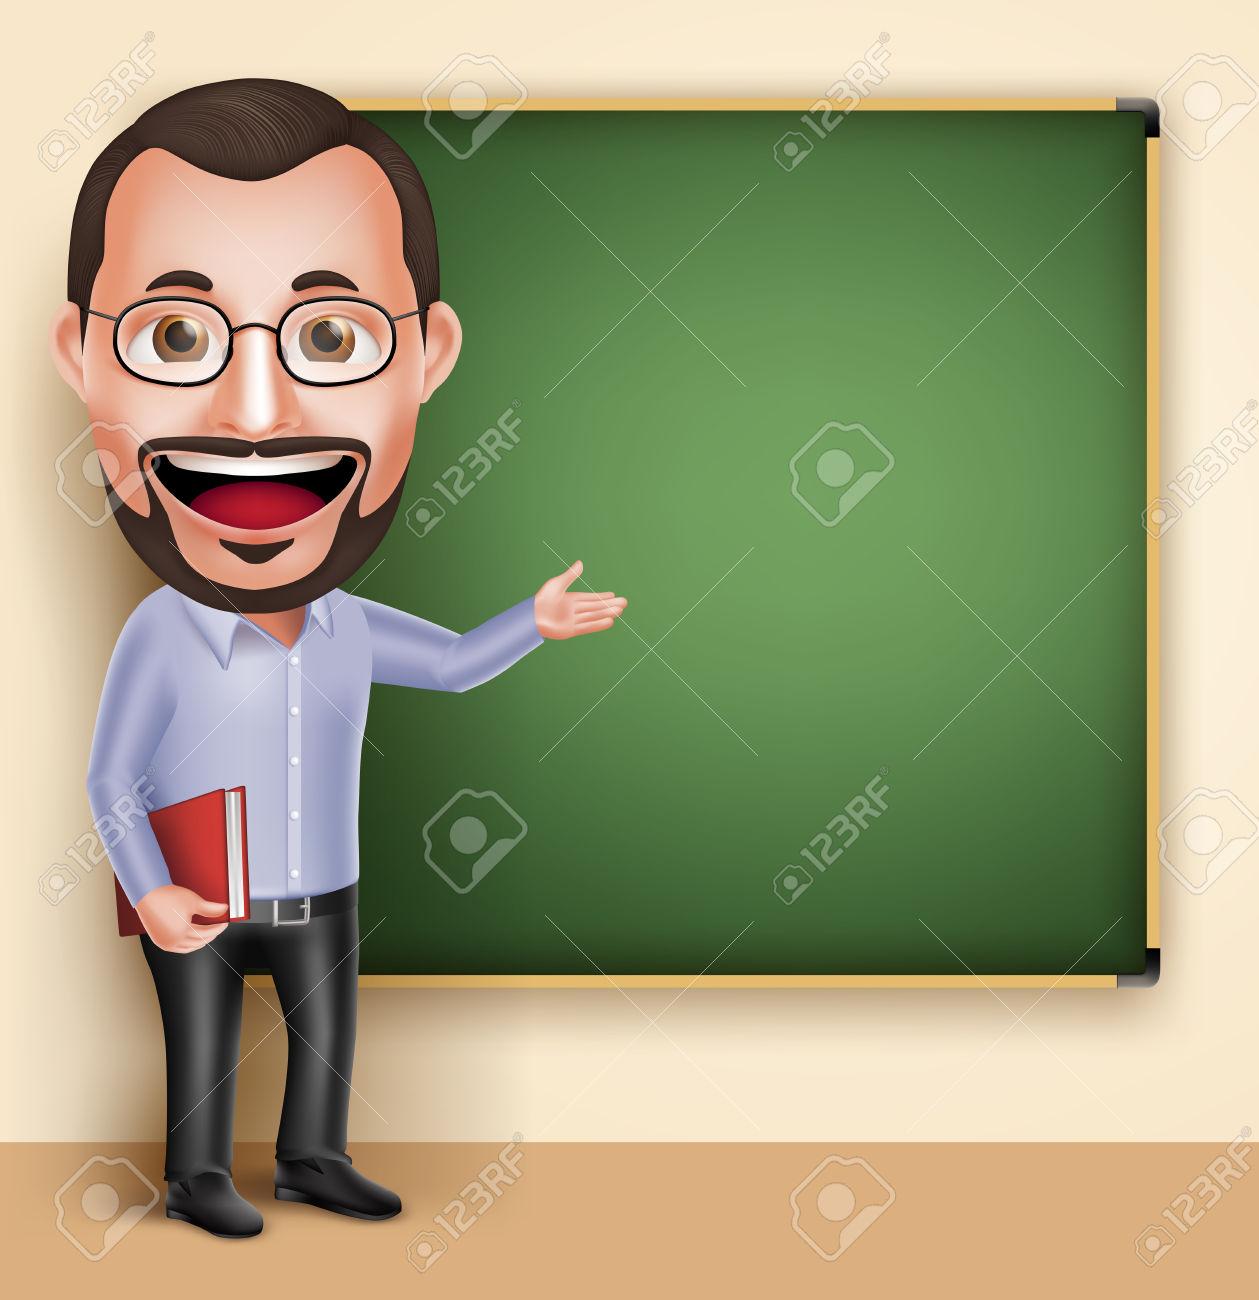 Clipart kindergarten teacher man